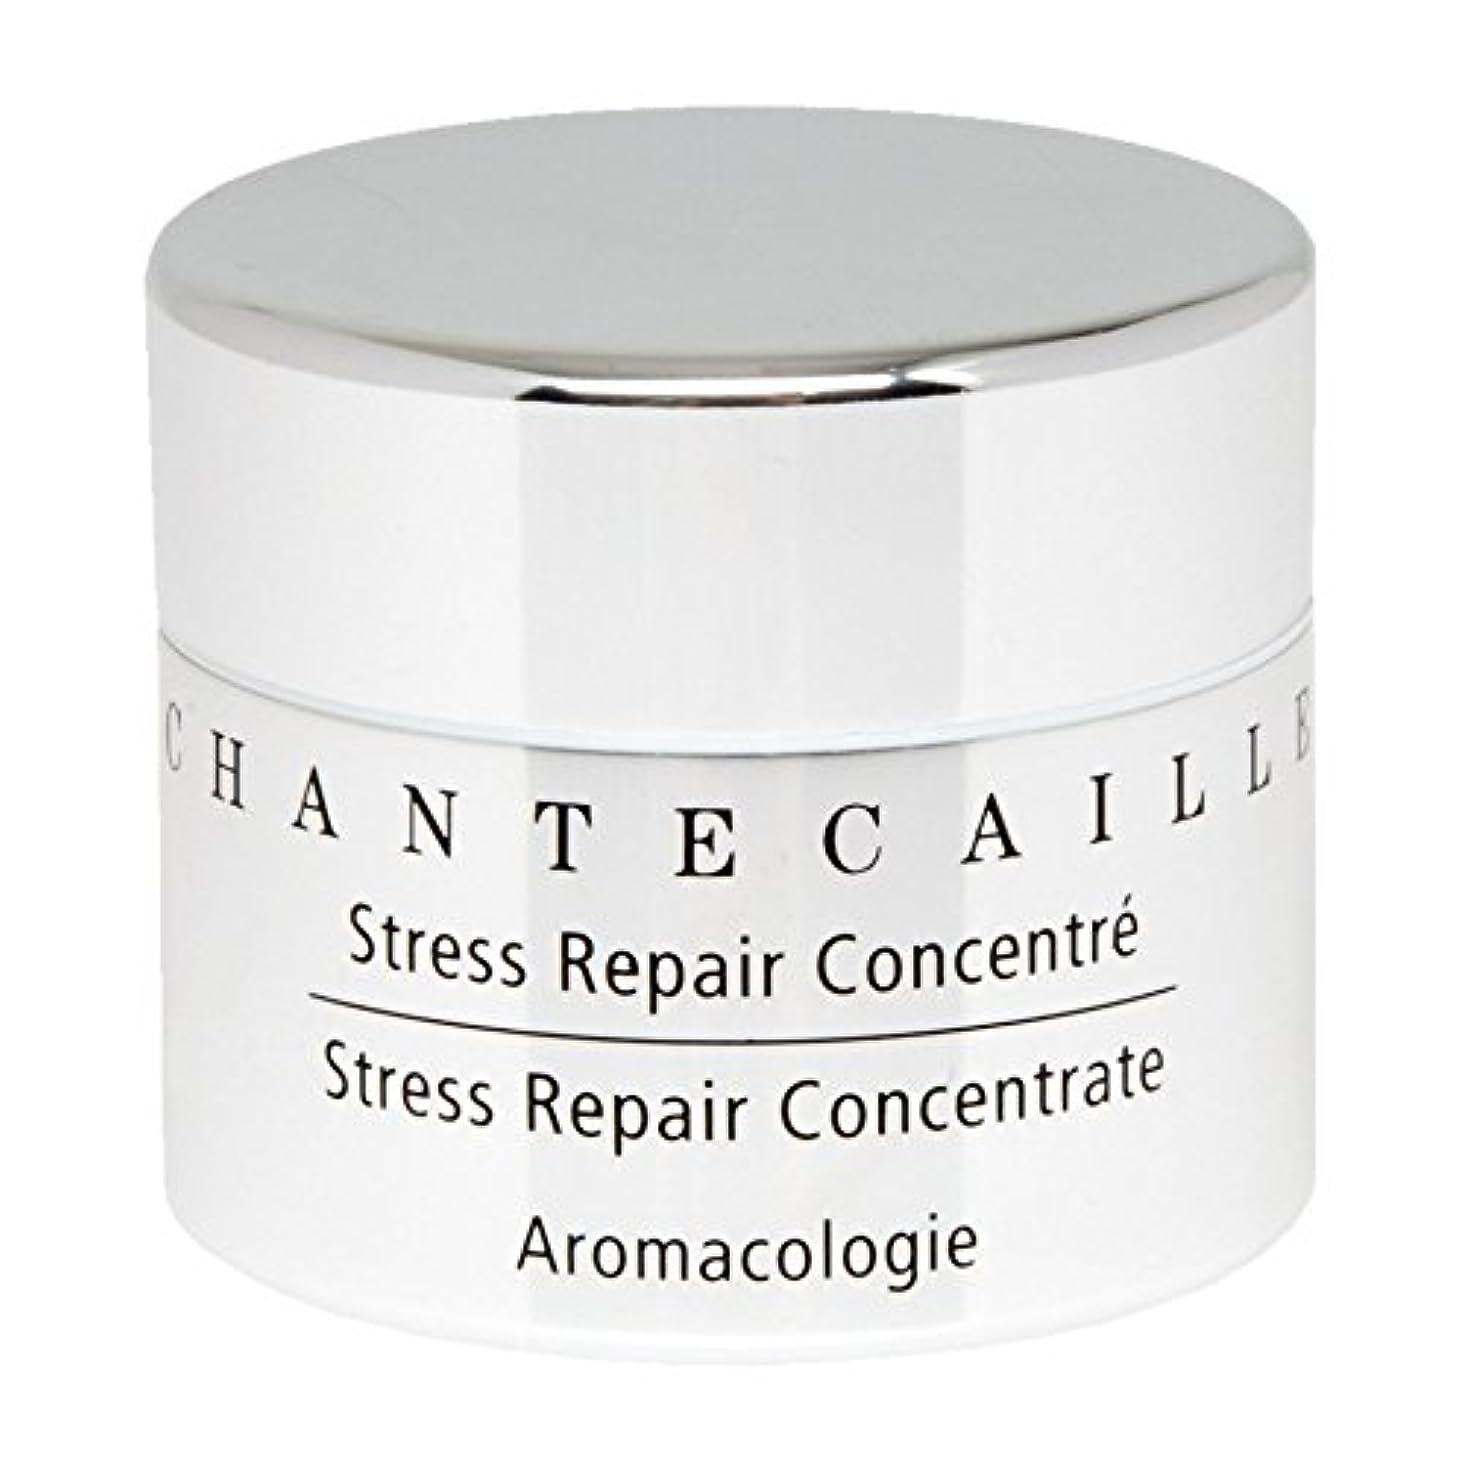 連鎖のぞき穴昆虫を見るChantecaille Stress Repair Concentrate 15ml - シャンテカイユストレス修復濃縮15ミリリットル [並行輸入品]